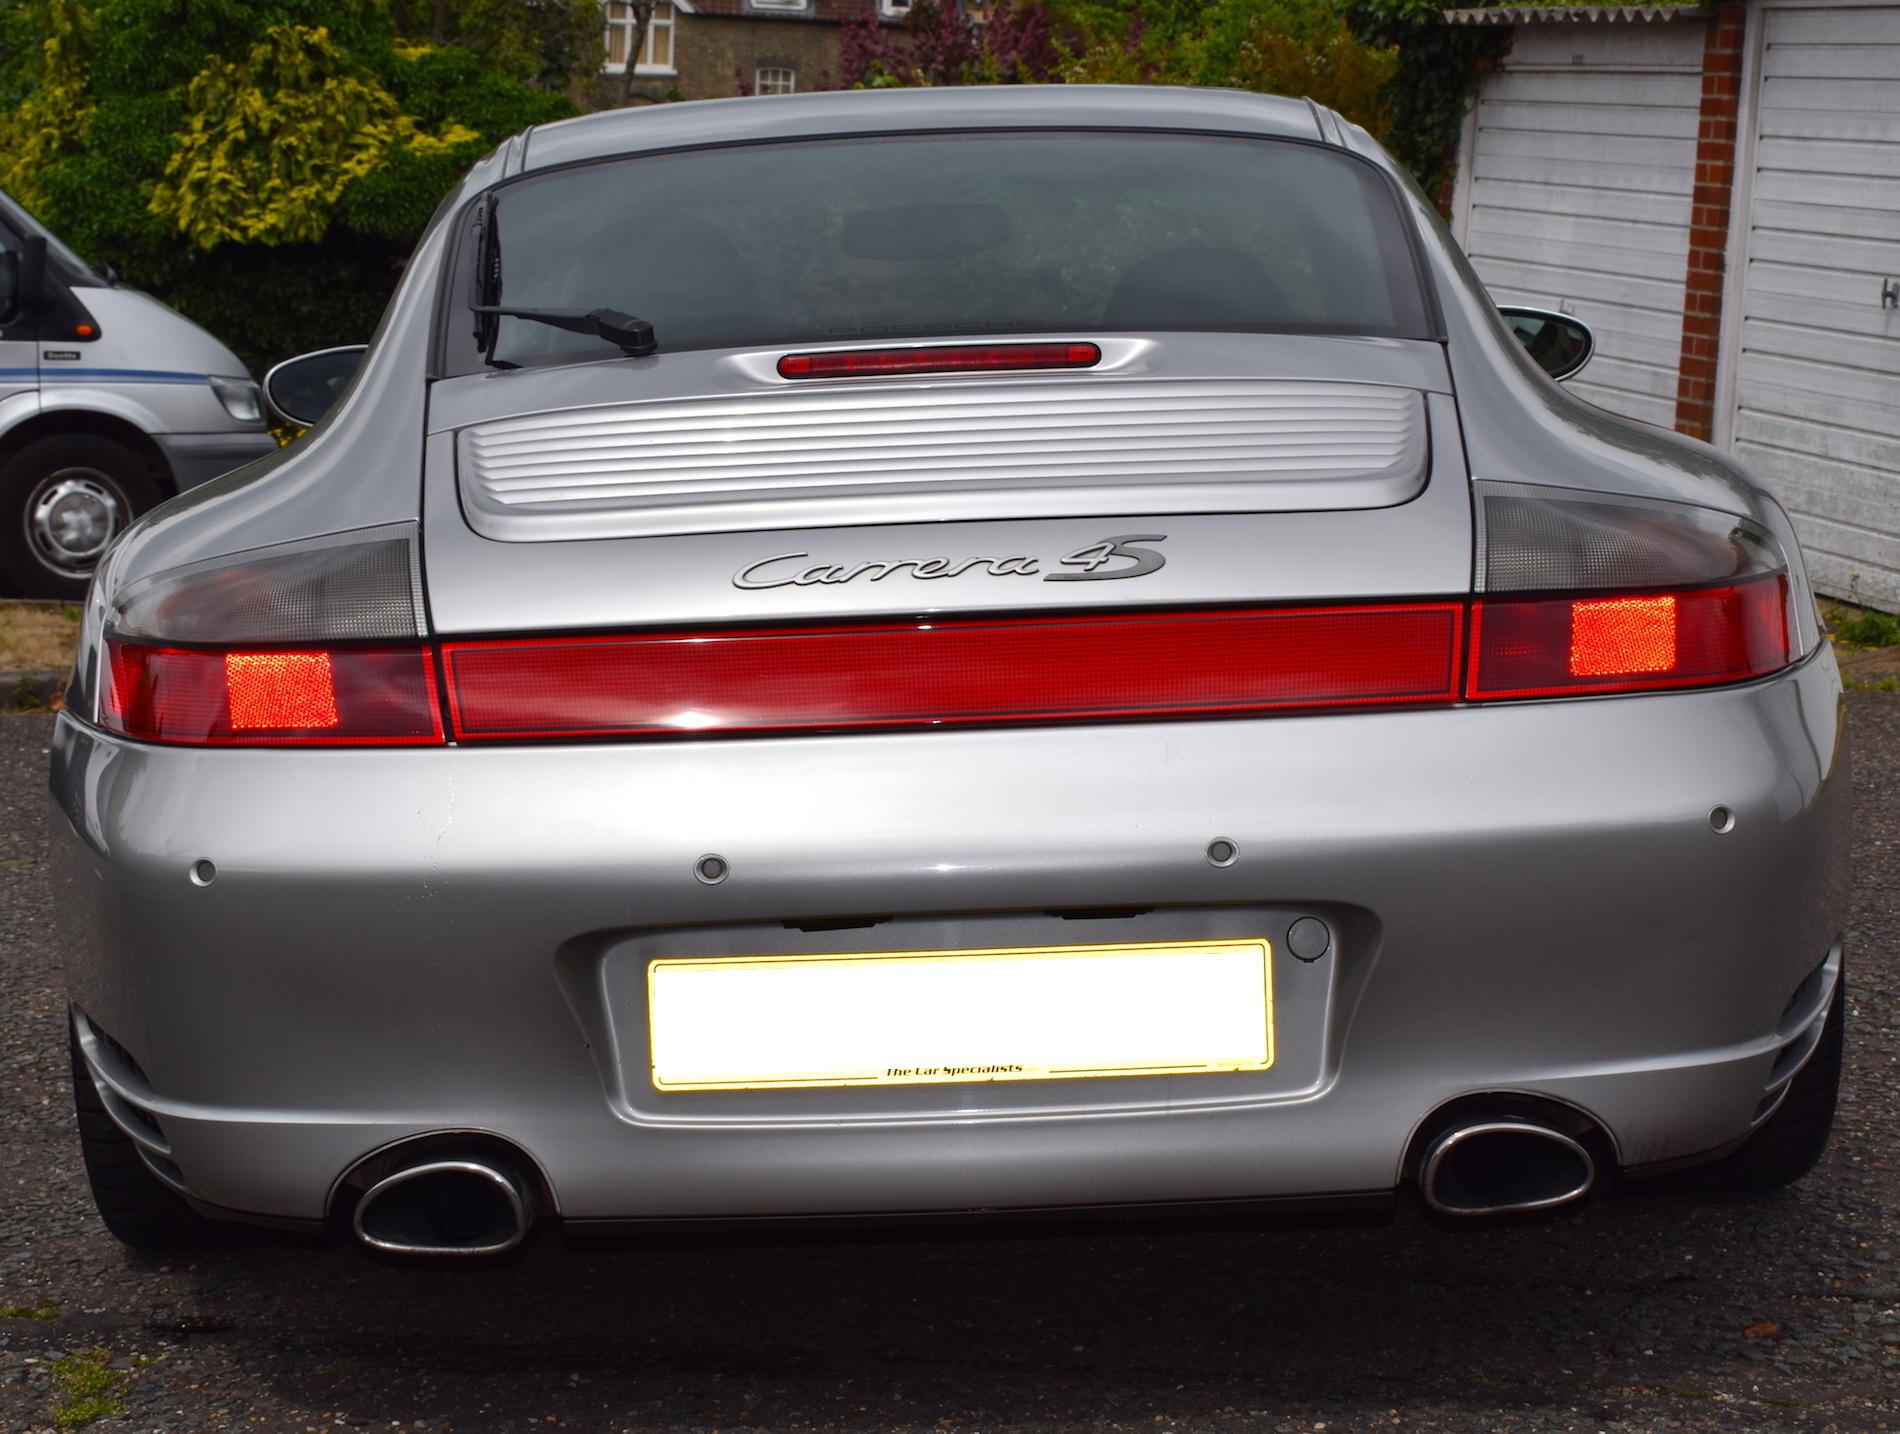 Porsche 996 C4S wide body